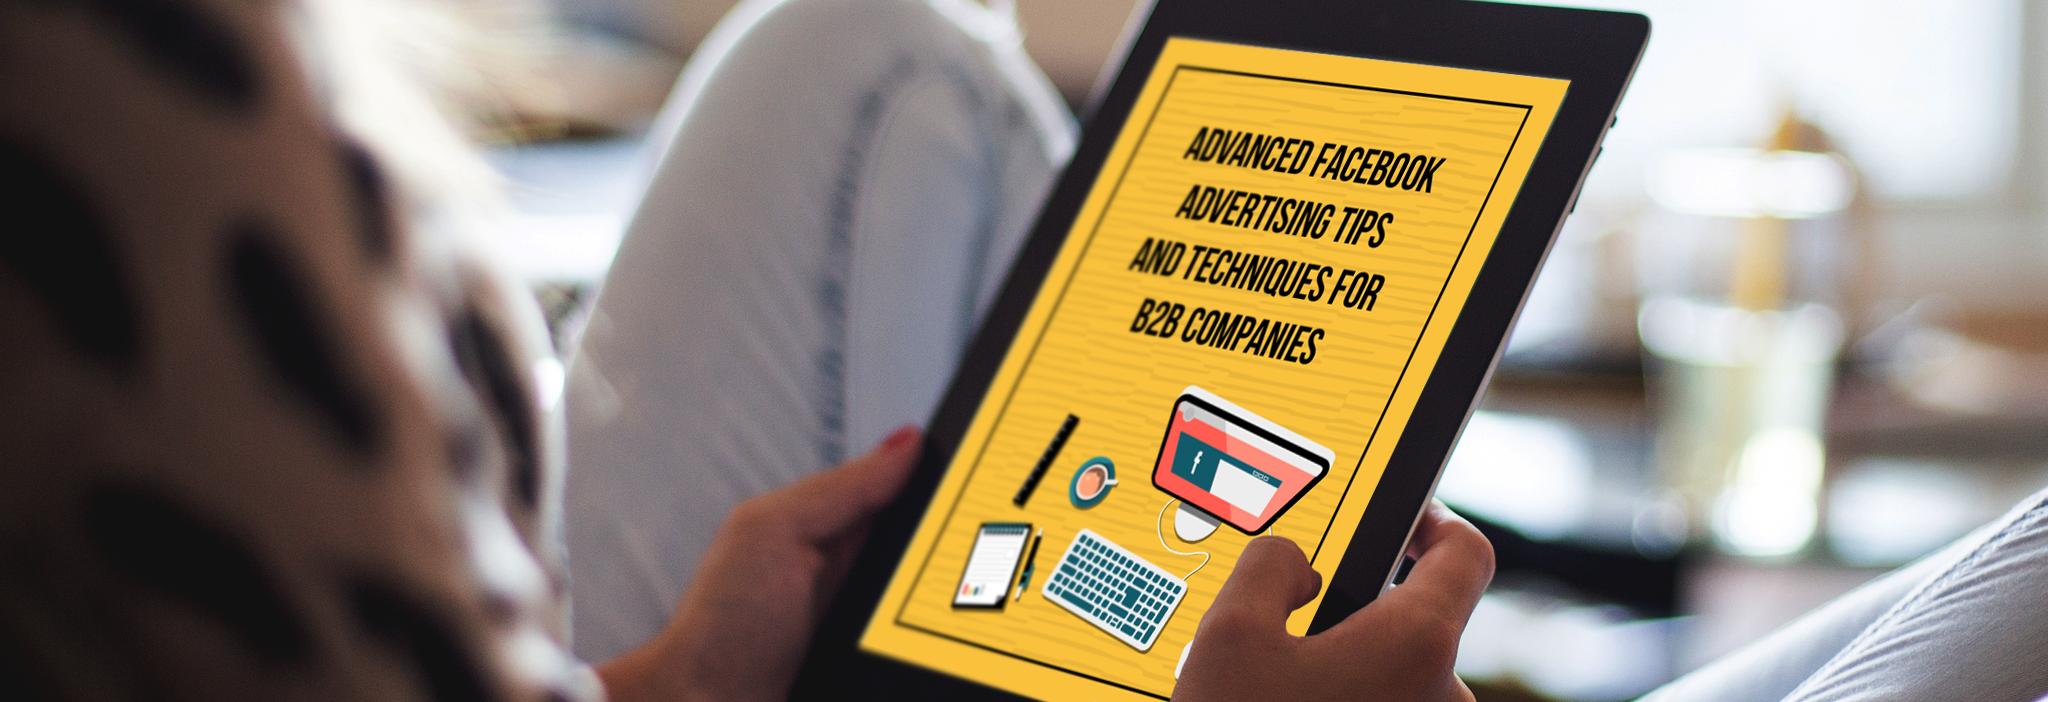 Facebook B2B Advertising Landing Page Banner.png